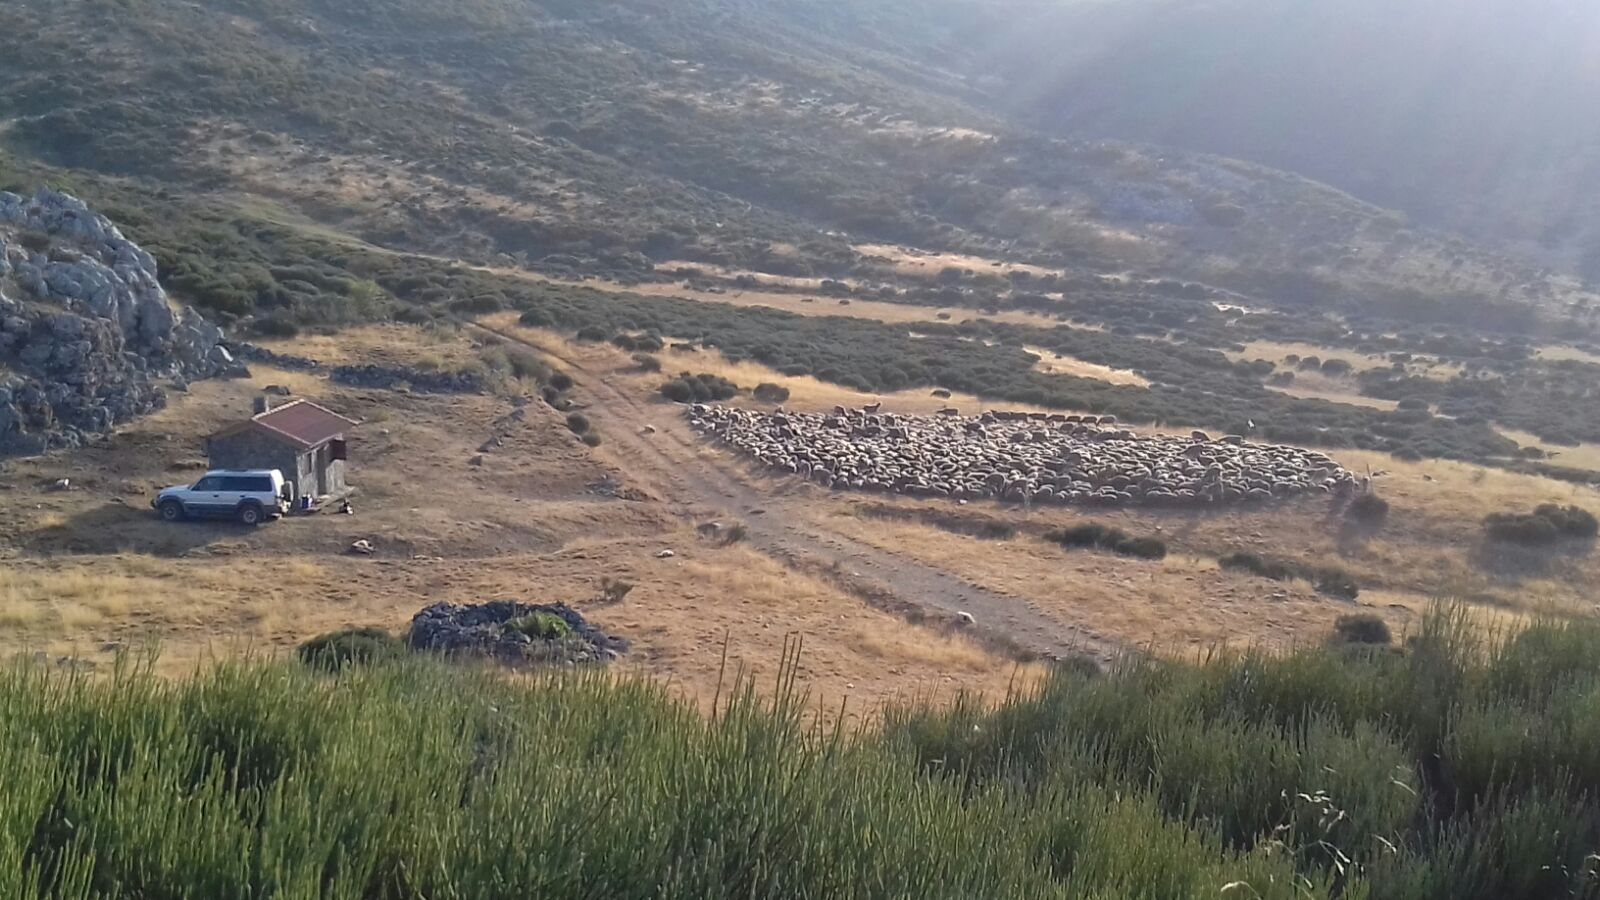 Las ovejas y el redileo o majadeo